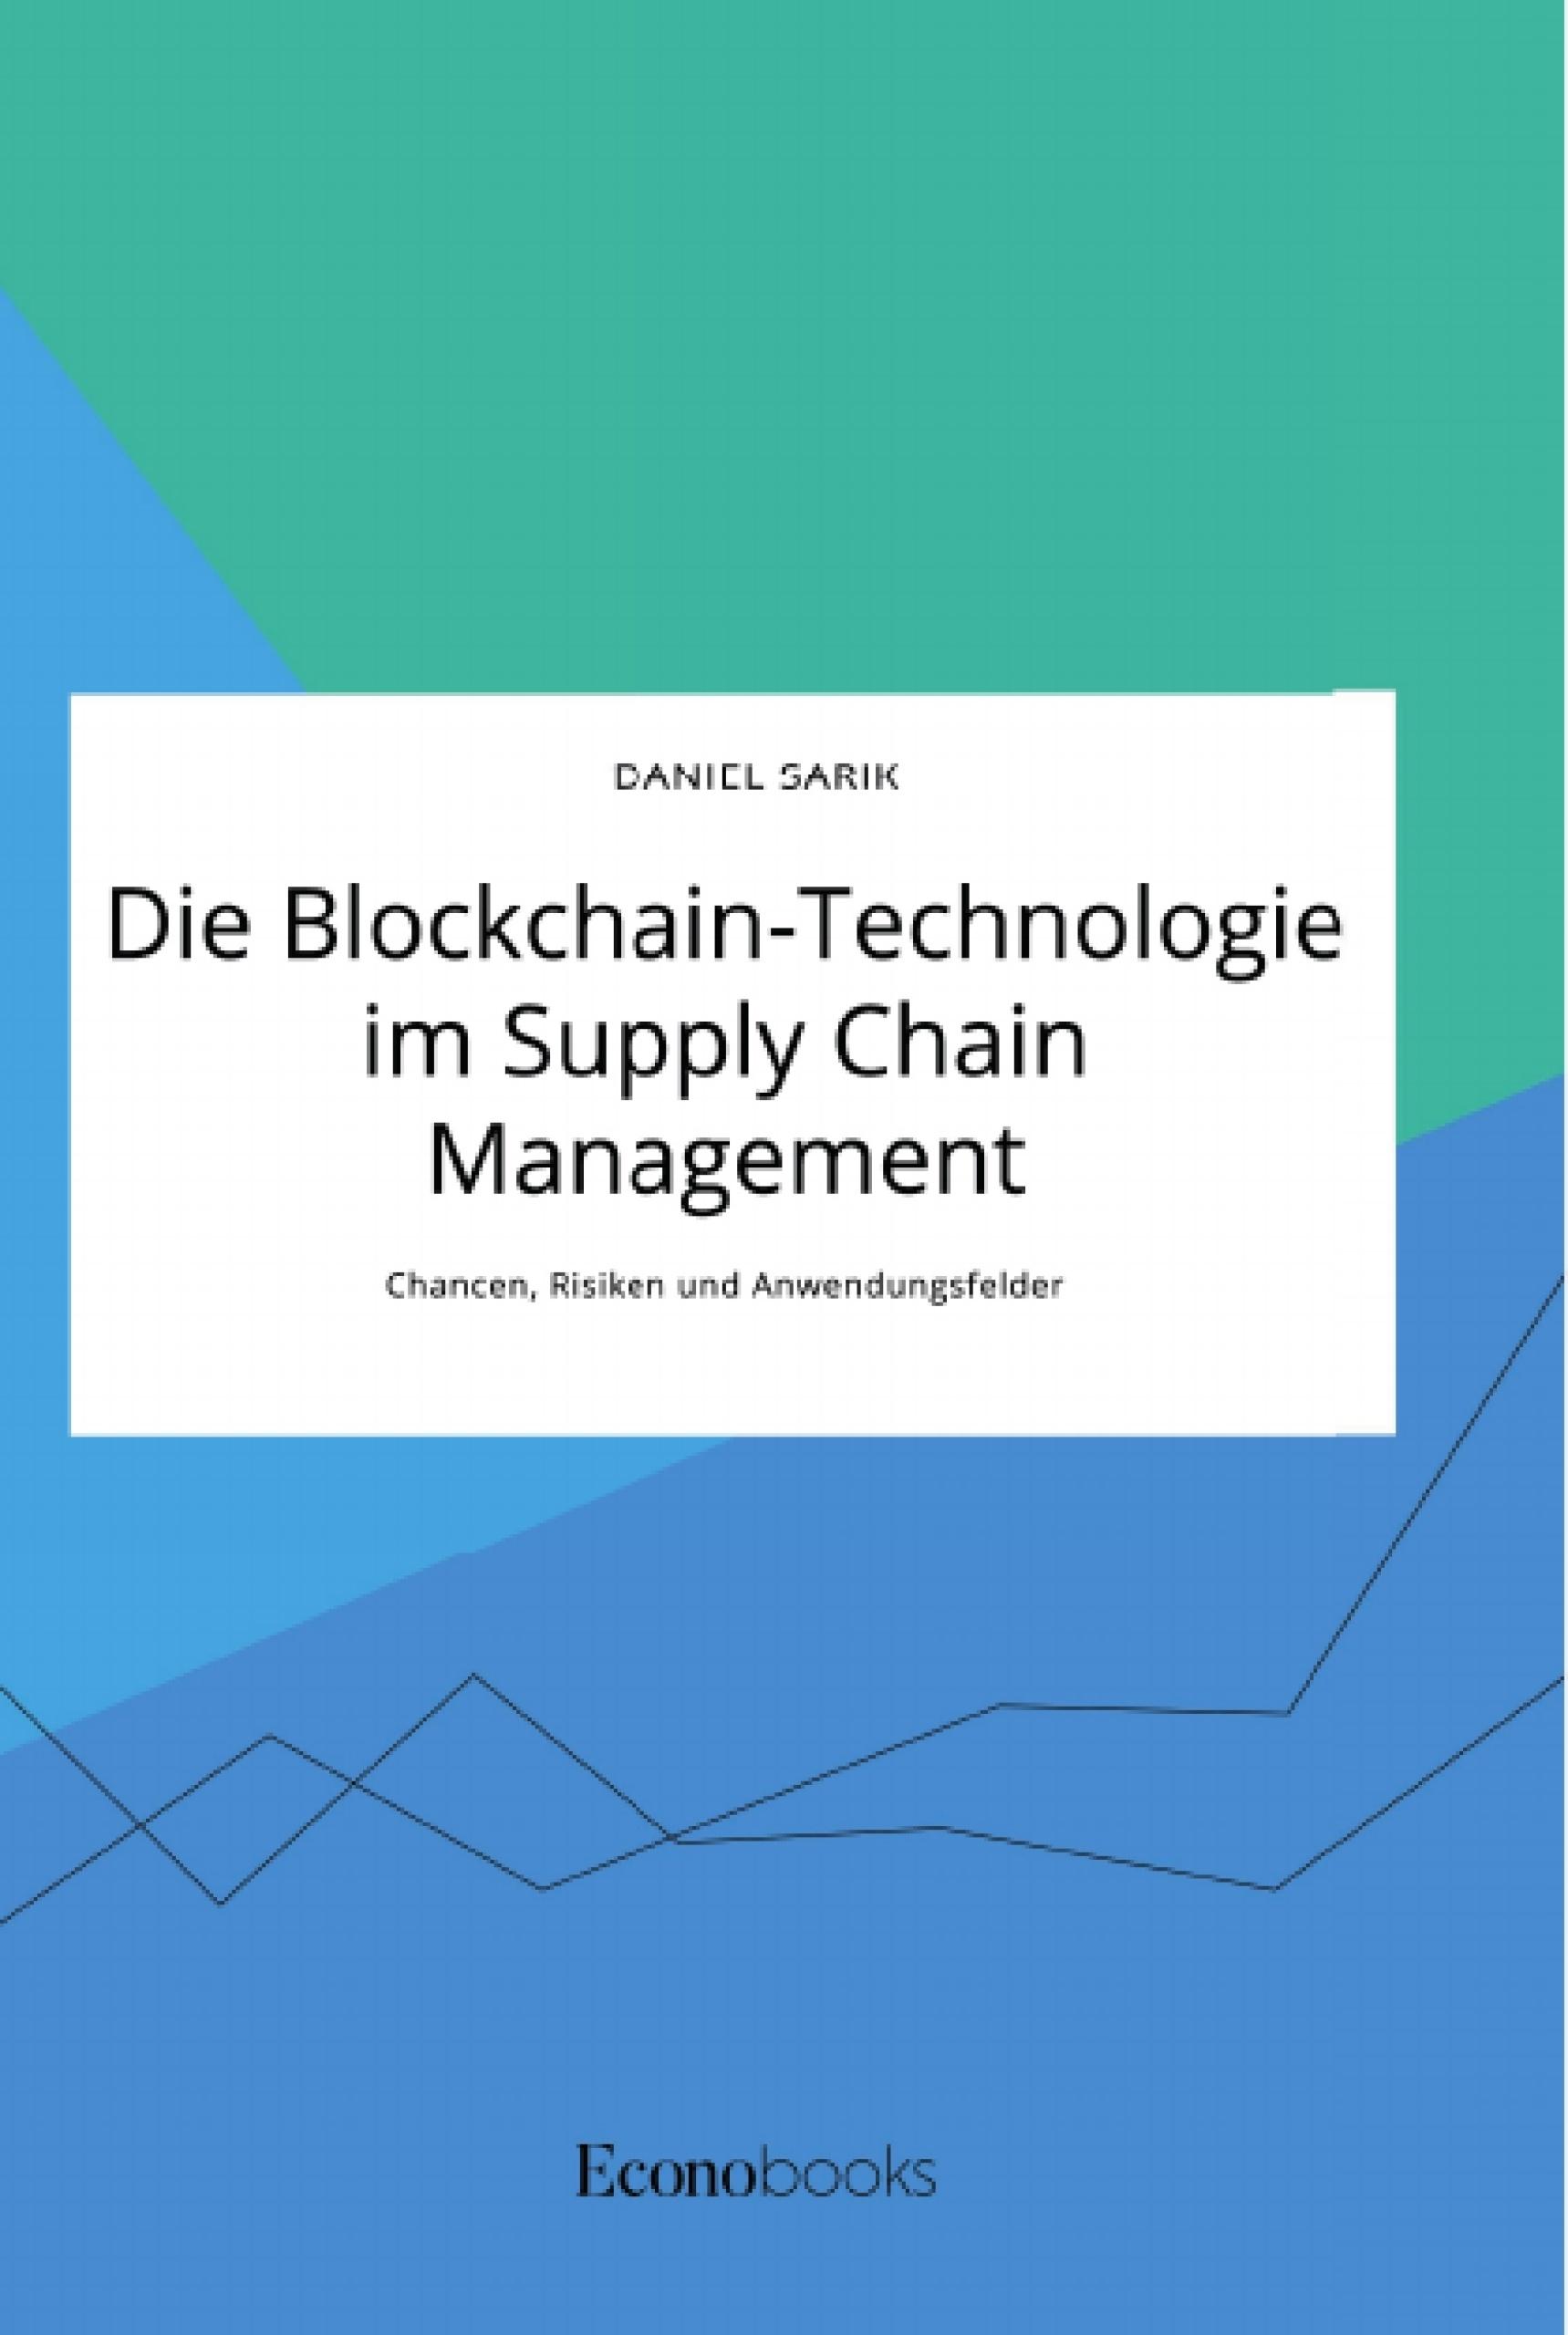 Titel: Die Blockchain-Technologie im Supply Chain Management. Chancen, Risiken und Anwendungsfelder